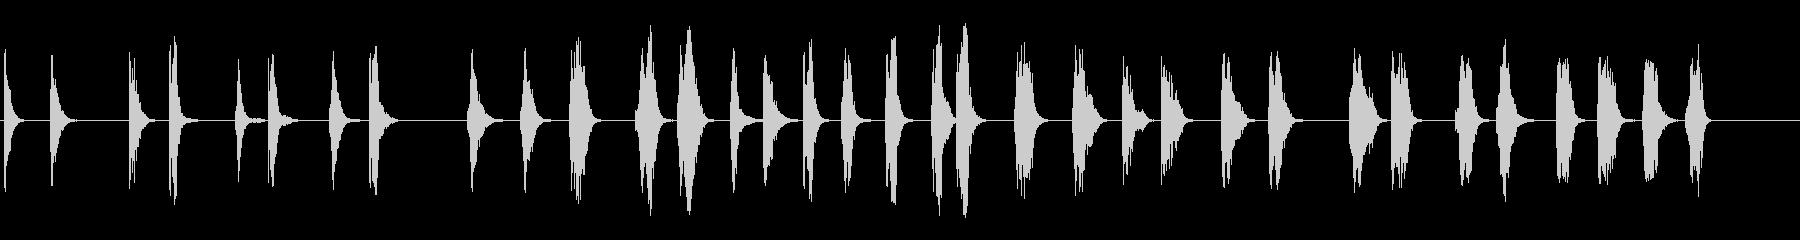 レーザーブラスト、ショート:Alt...の未再生の波形